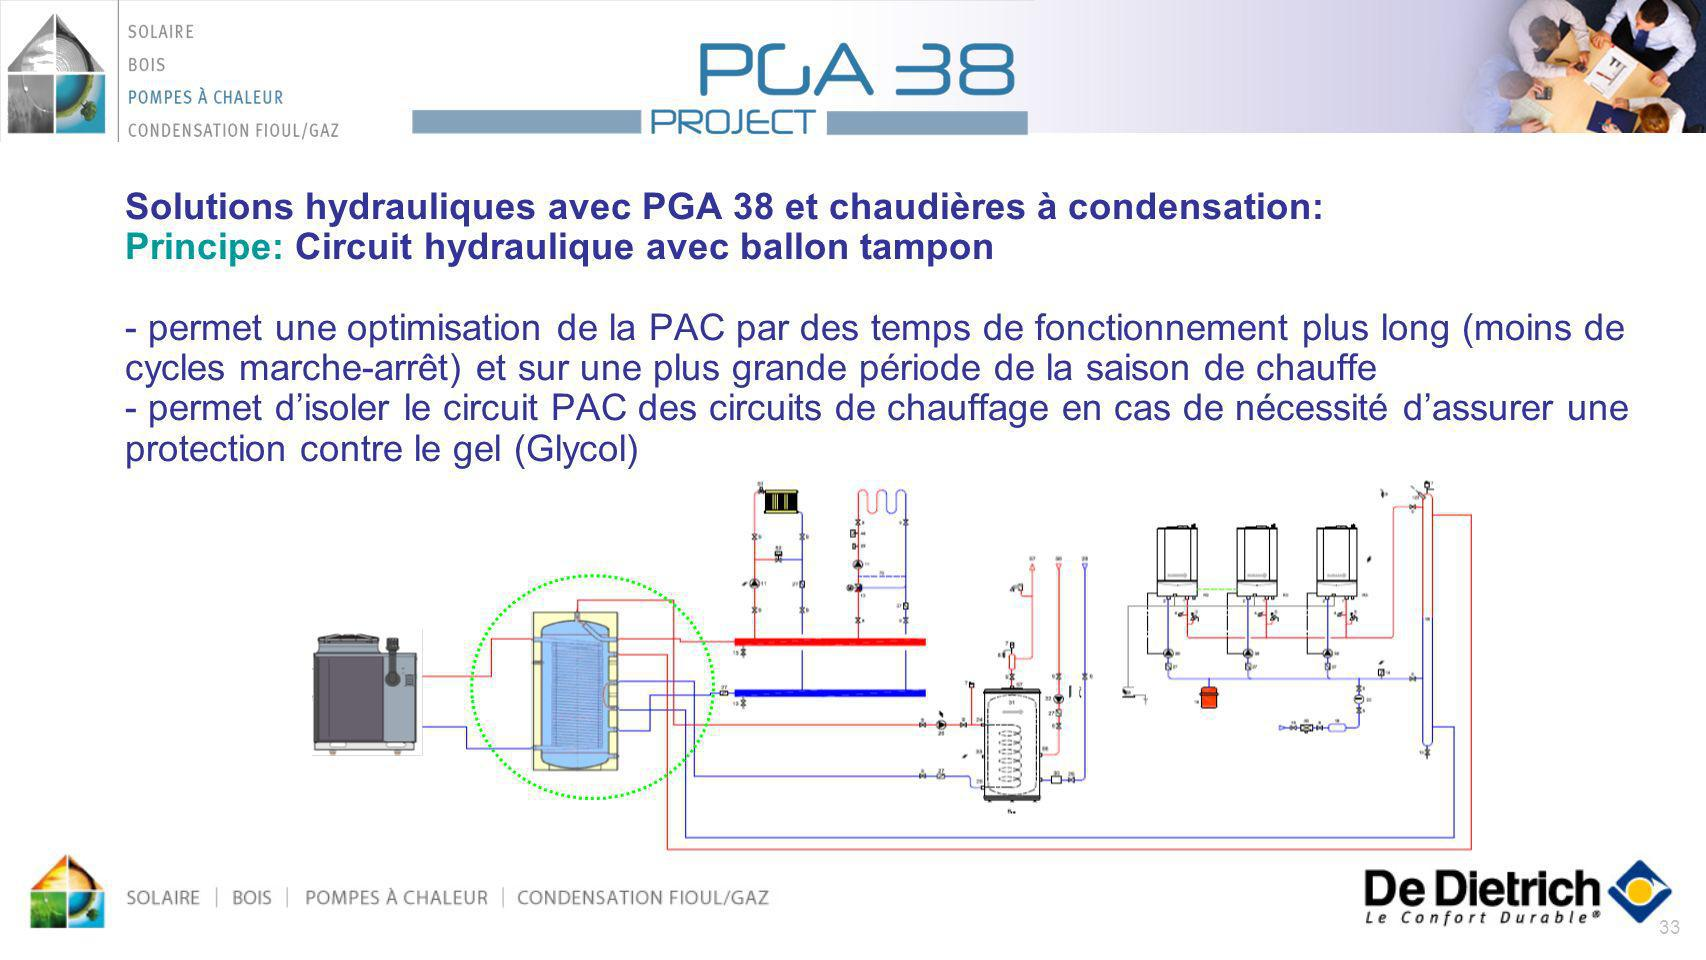 Solutions hydrauliques avec PGA 38 et chaudières à condensation: Principe: Circuit hydraulique avec ballon tampon - permet une optimisation de la PAC par des temps de fonctionnement plus long (moins de cycles marche-arrêt) et sur une plus grande période de la saison de chauffe - permet d'isoler le circuit PAC des circuits de chauffage en cas de nécessité d'assurer une protection contre le gel (Glycol)